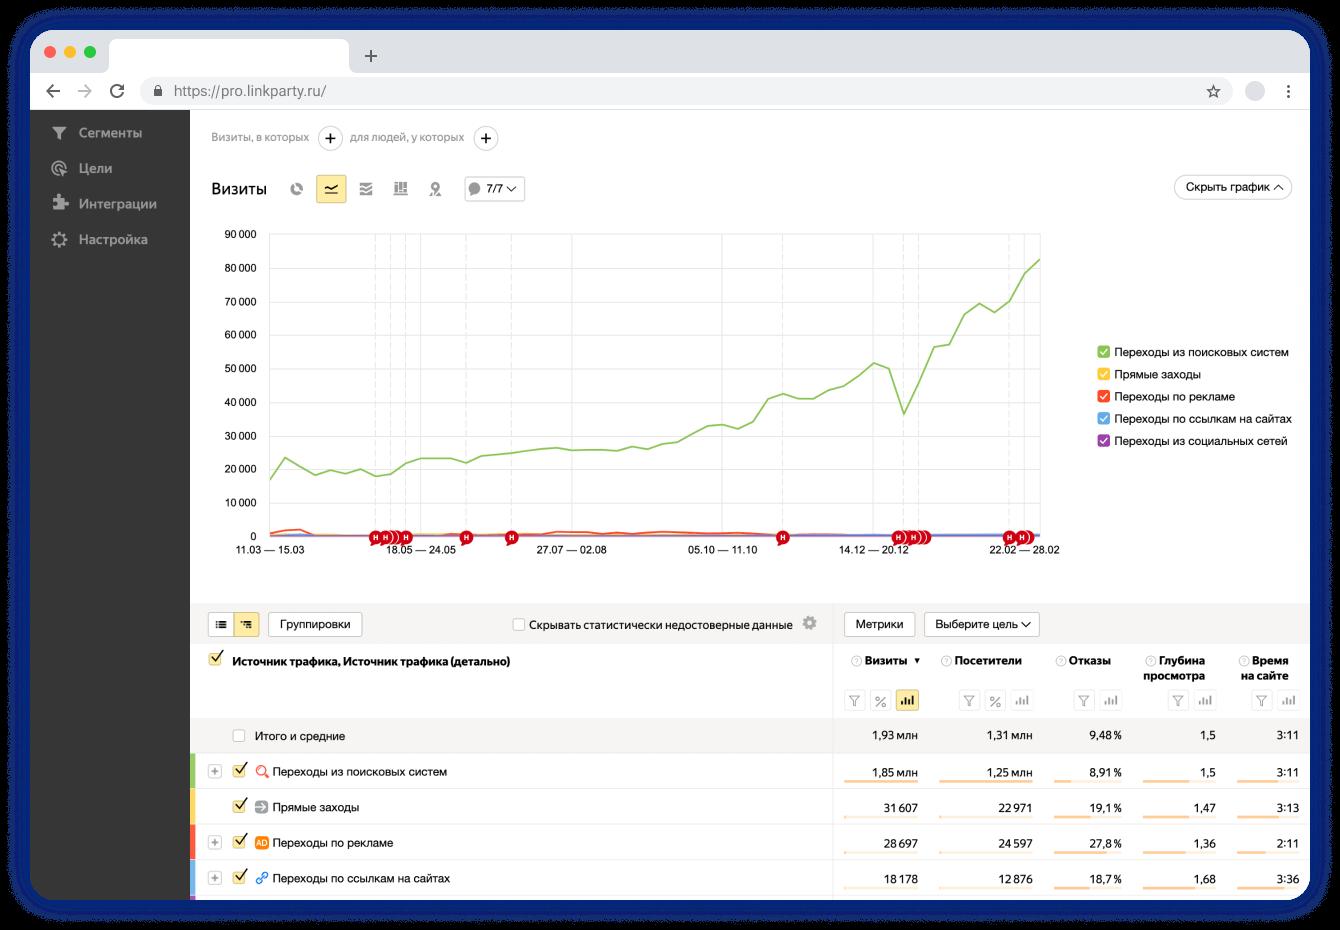 LinkParty. Внешняя и внутрення оптимизация сайтов. График